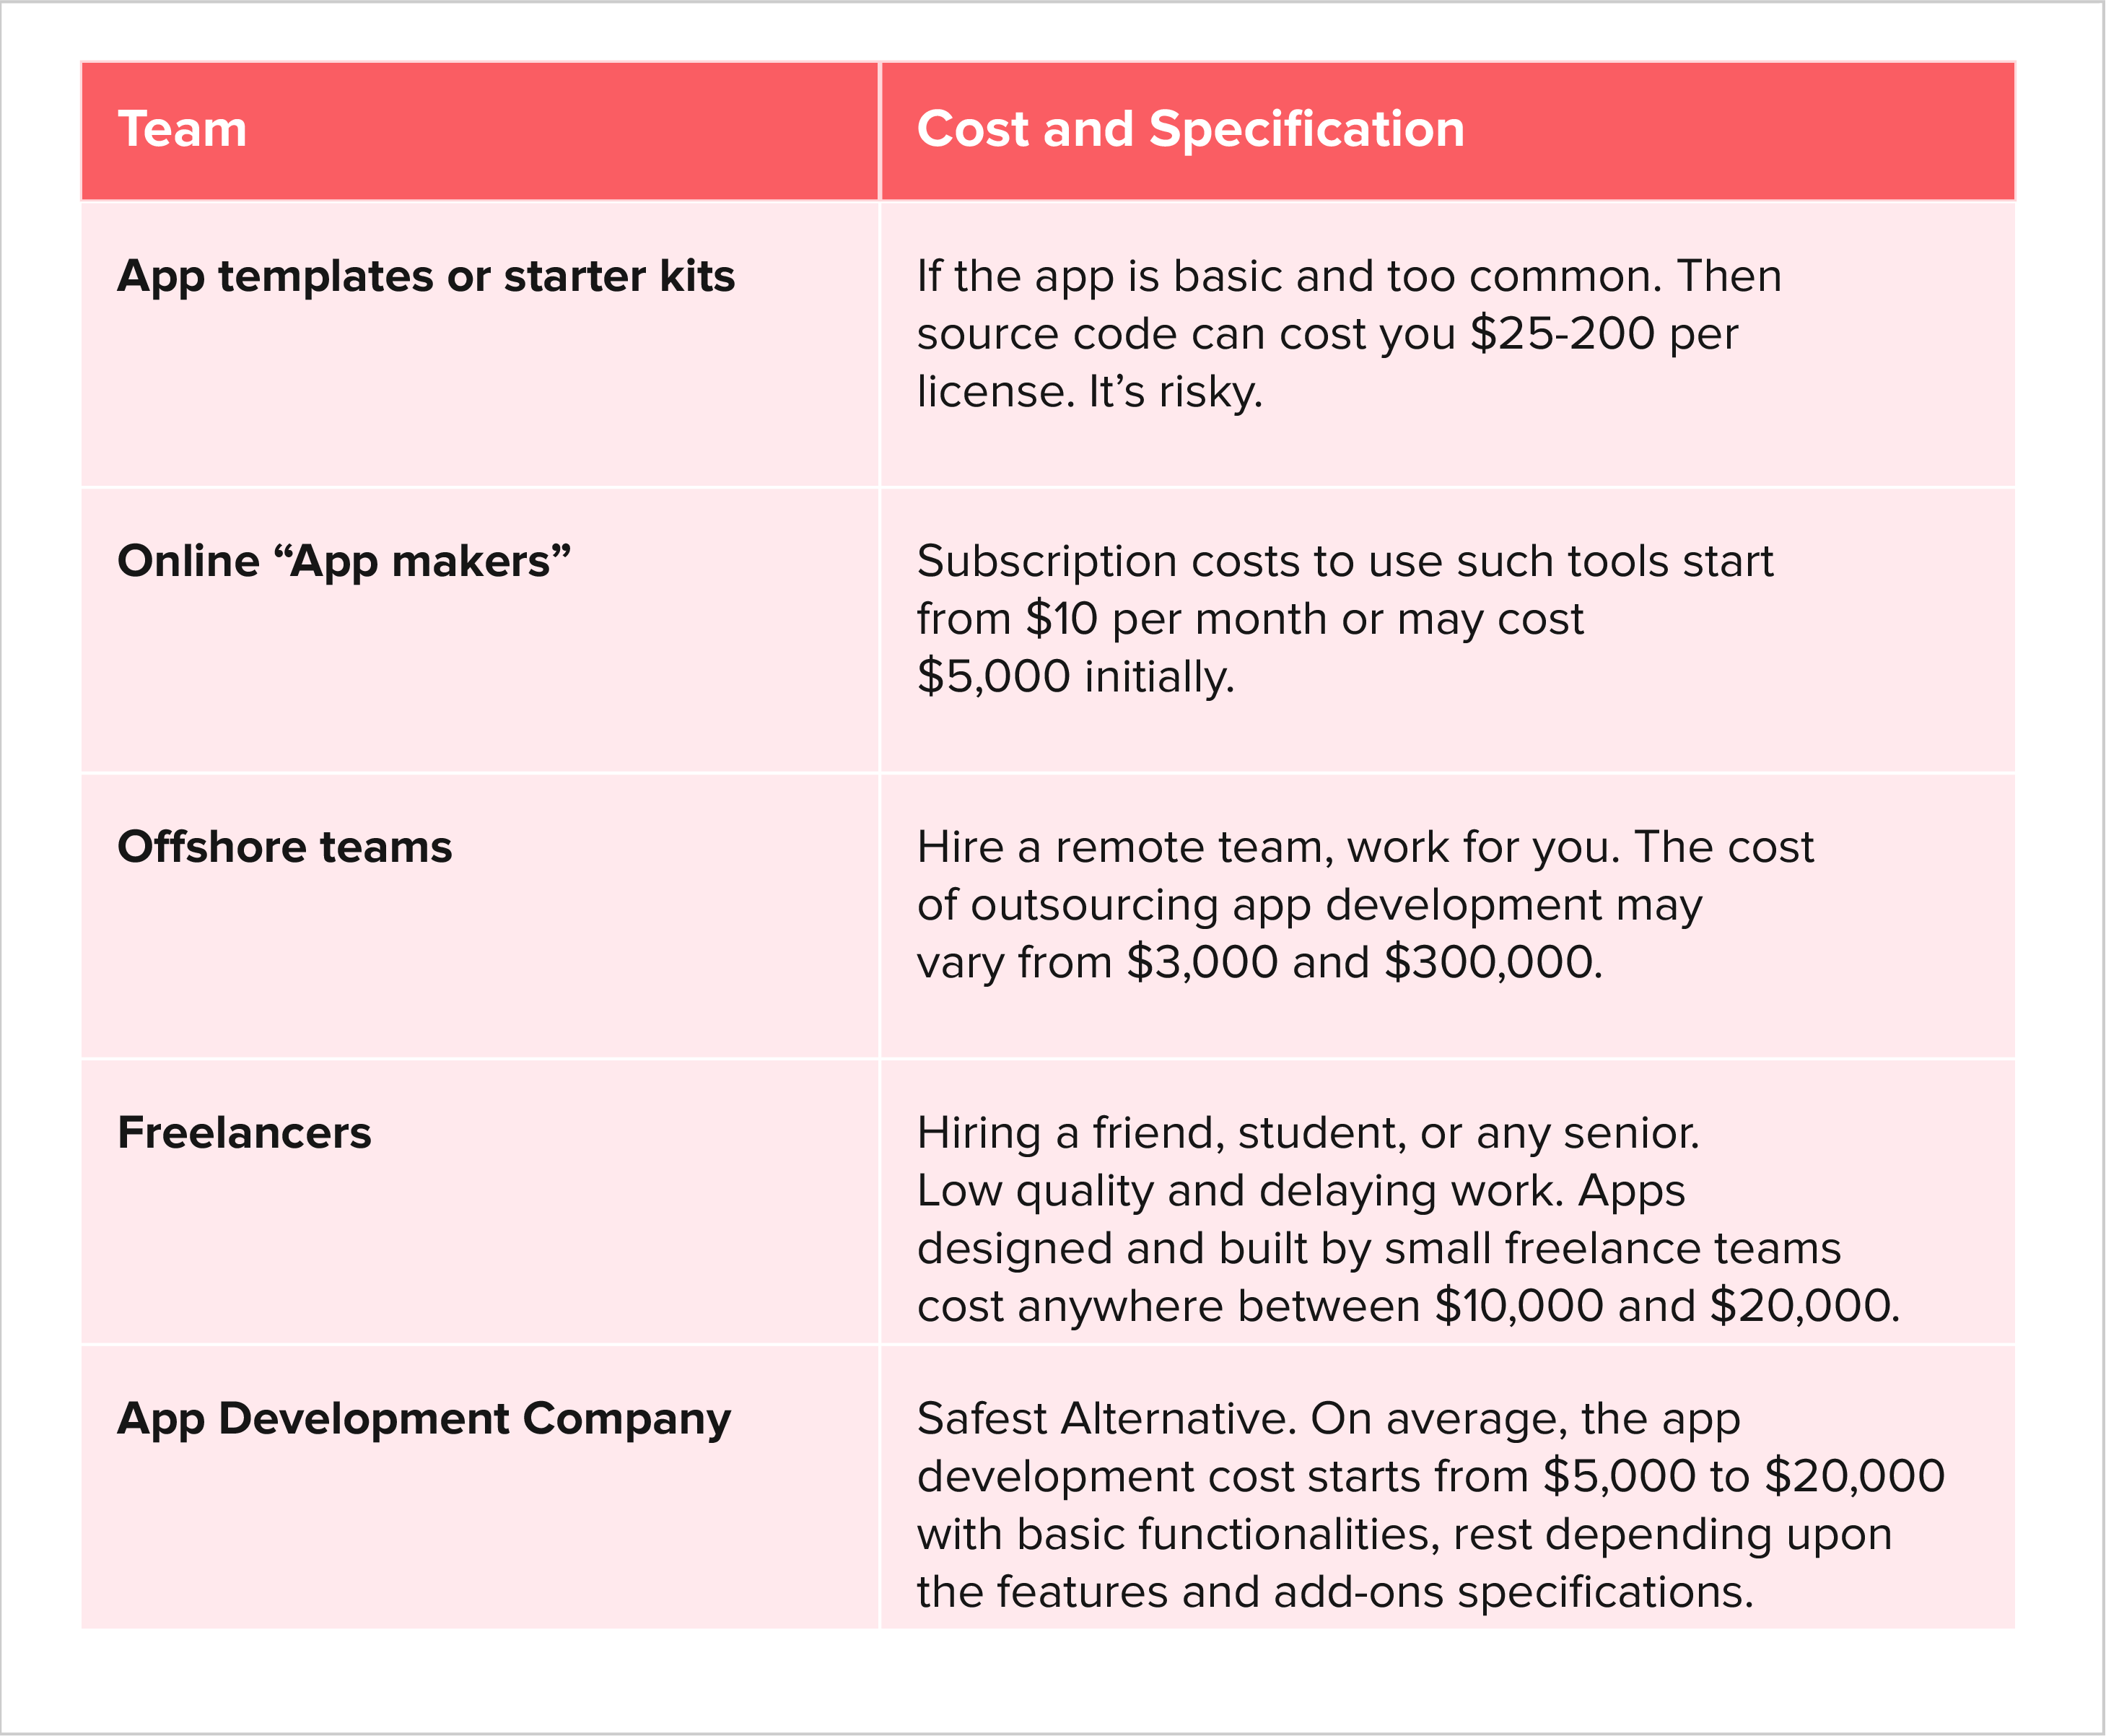 Choosing an App Development Team